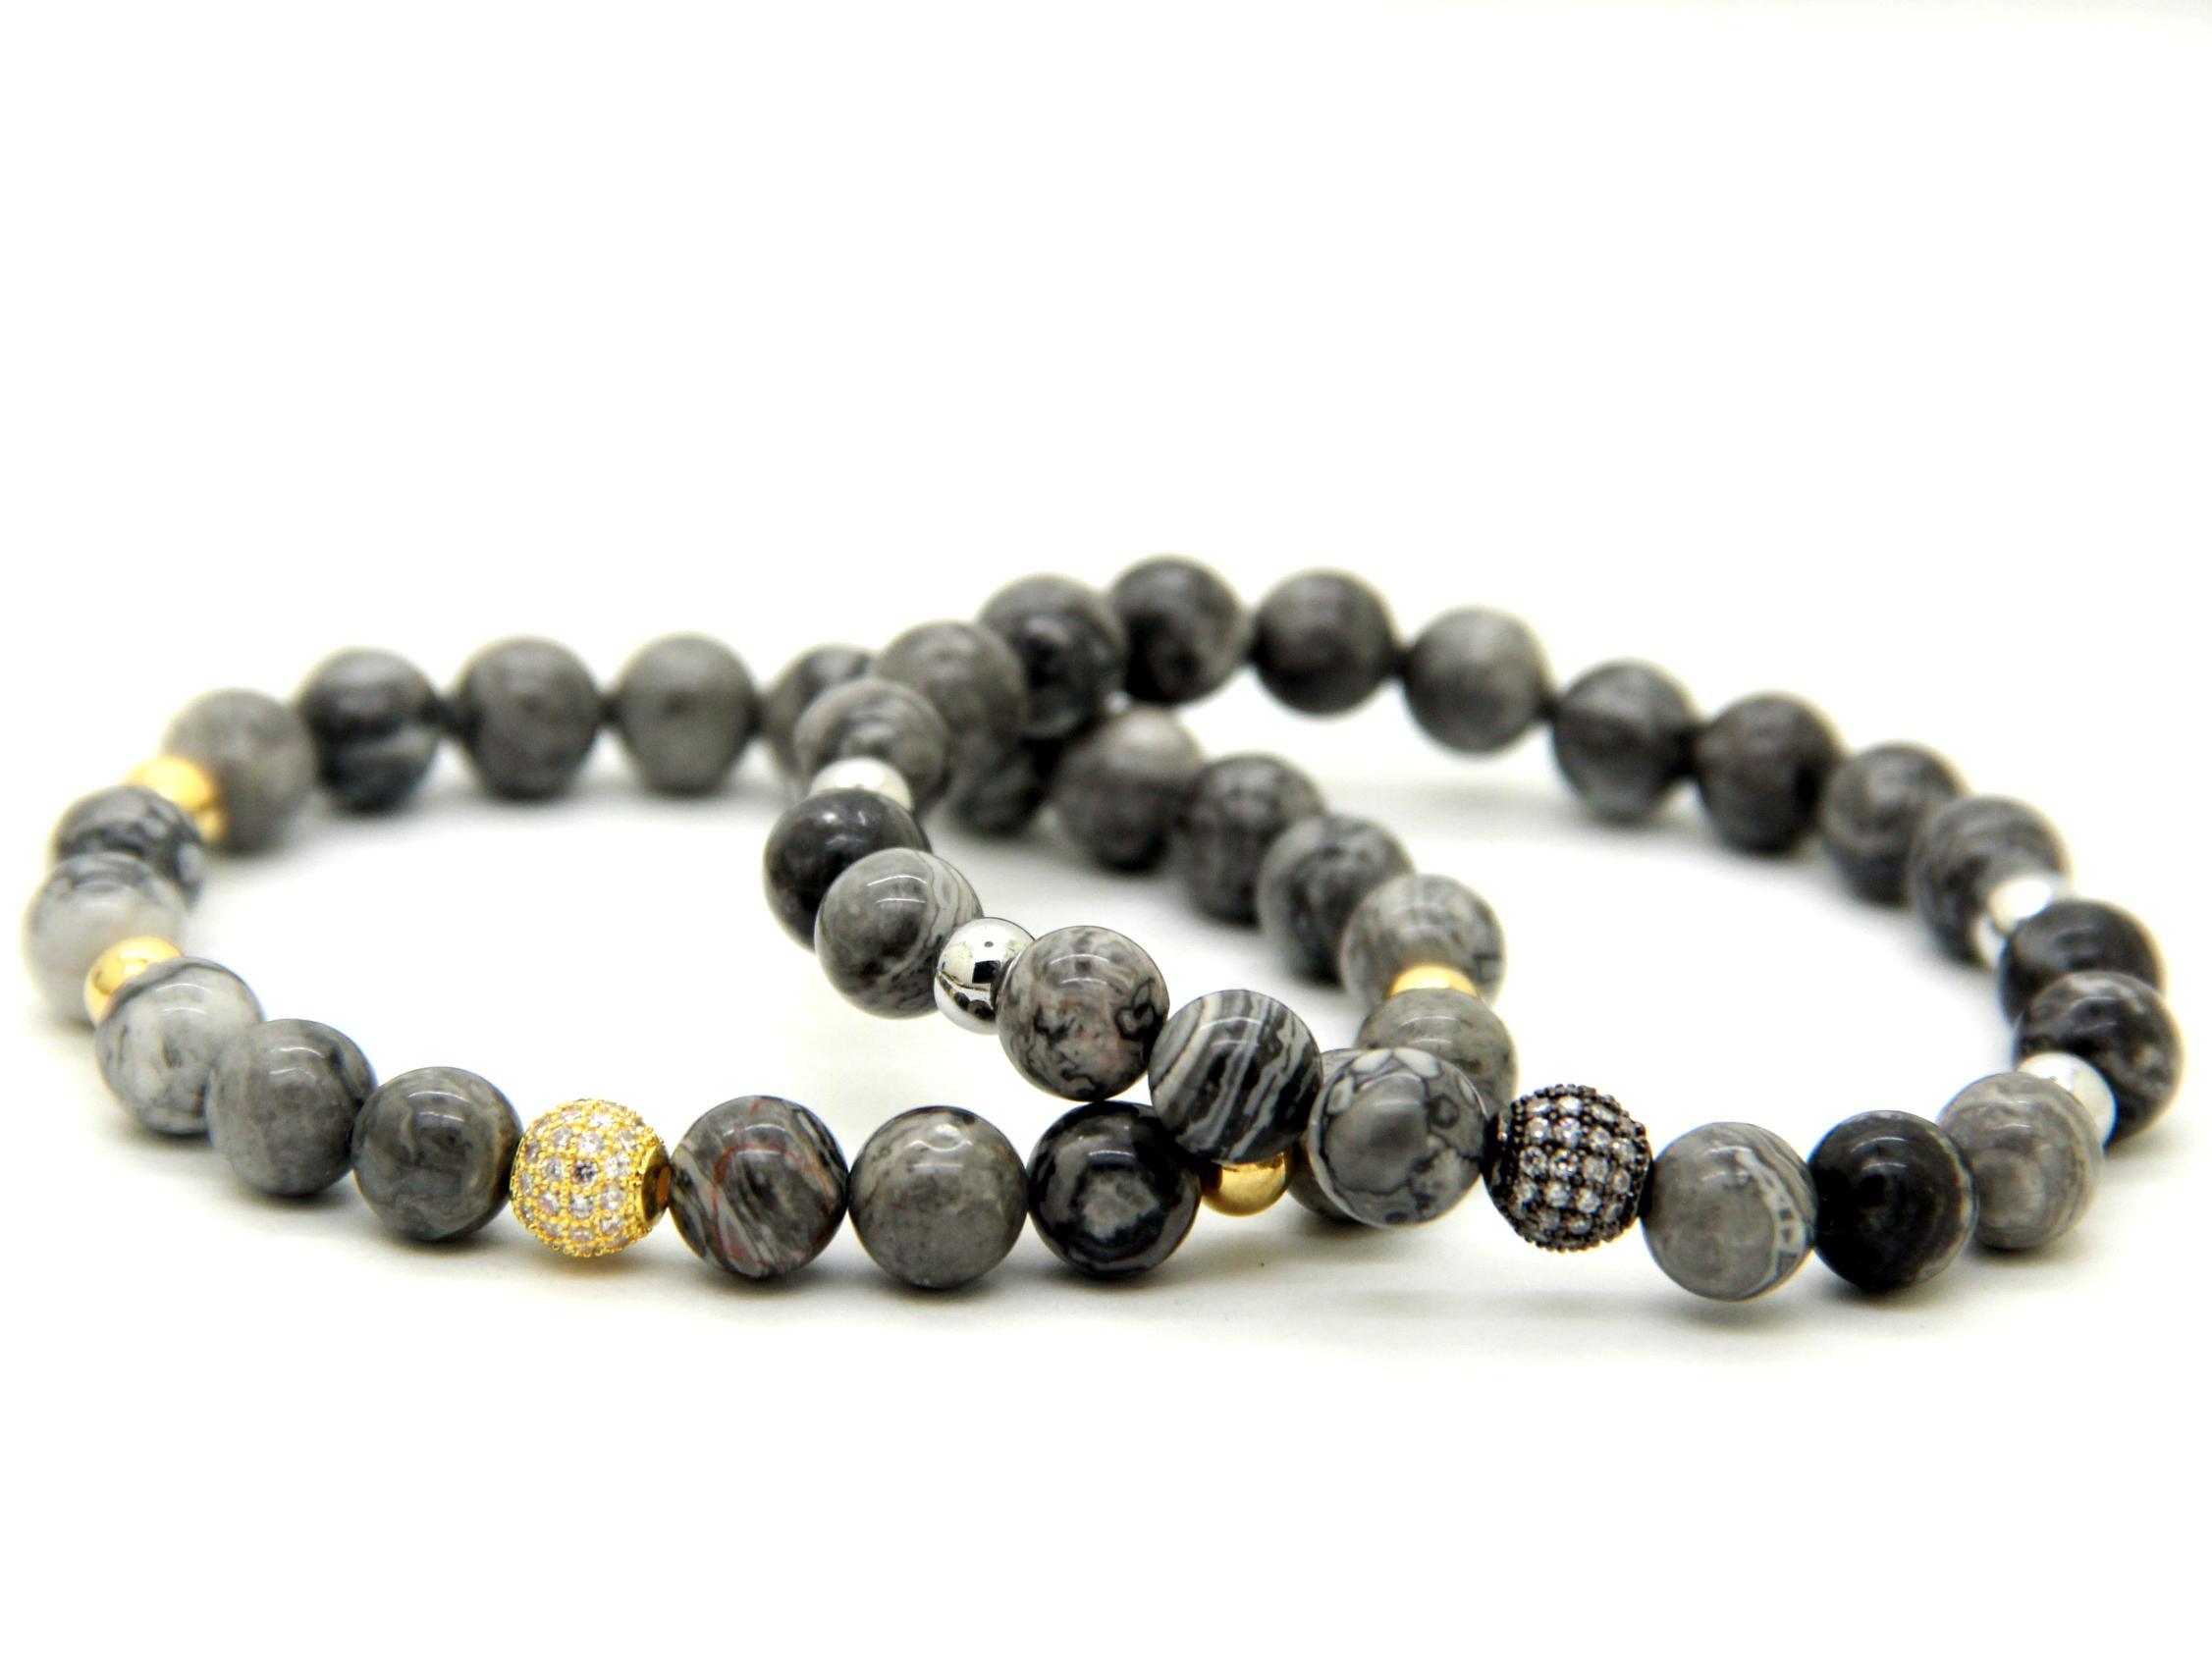 2016 de Alta Qualidade de Jóias Por Atacado 8mm Cinza Imagem Jasper Stone Beads Micro Pave Preto e Ouro CZ Beads Pulseiras Mens presente